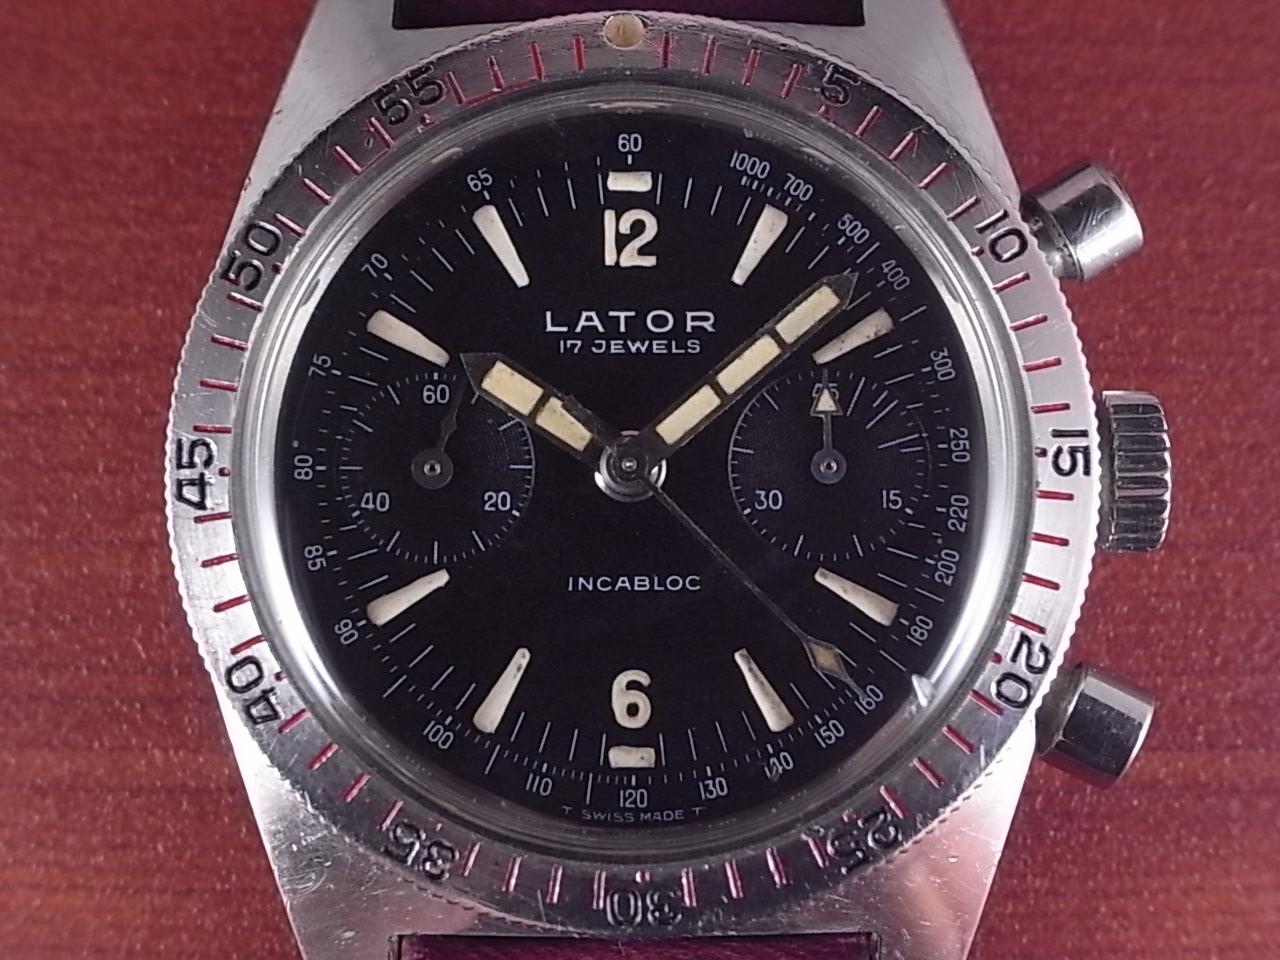 レイター ダイバーズクロノグラフ バルジュー92 1960年代の写真2枚目